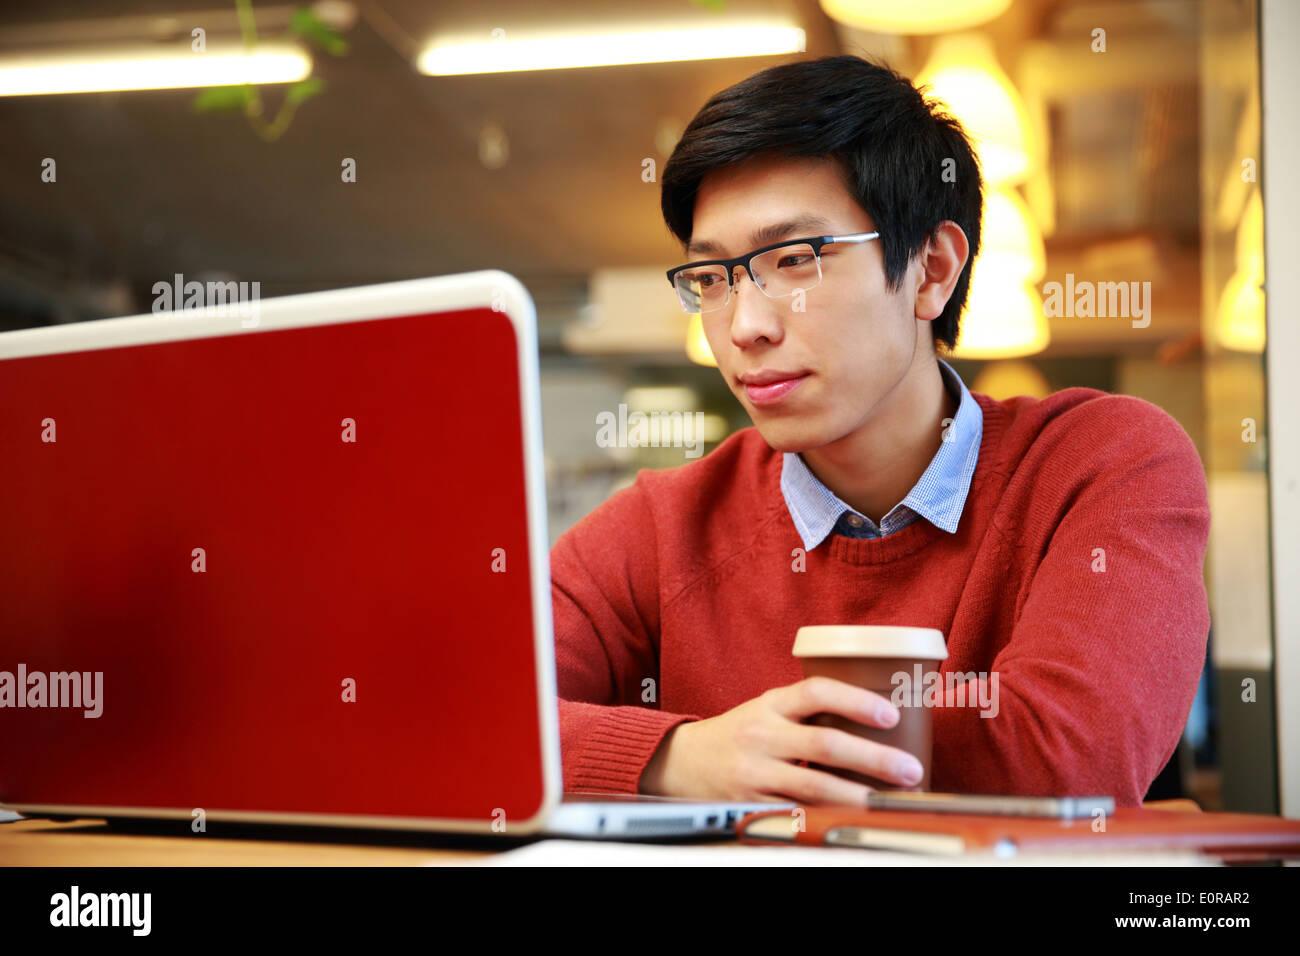 Joven hombre asiático en vidrios trabajando en el portátil y sosteniendo una taza de café Imagen De Stock